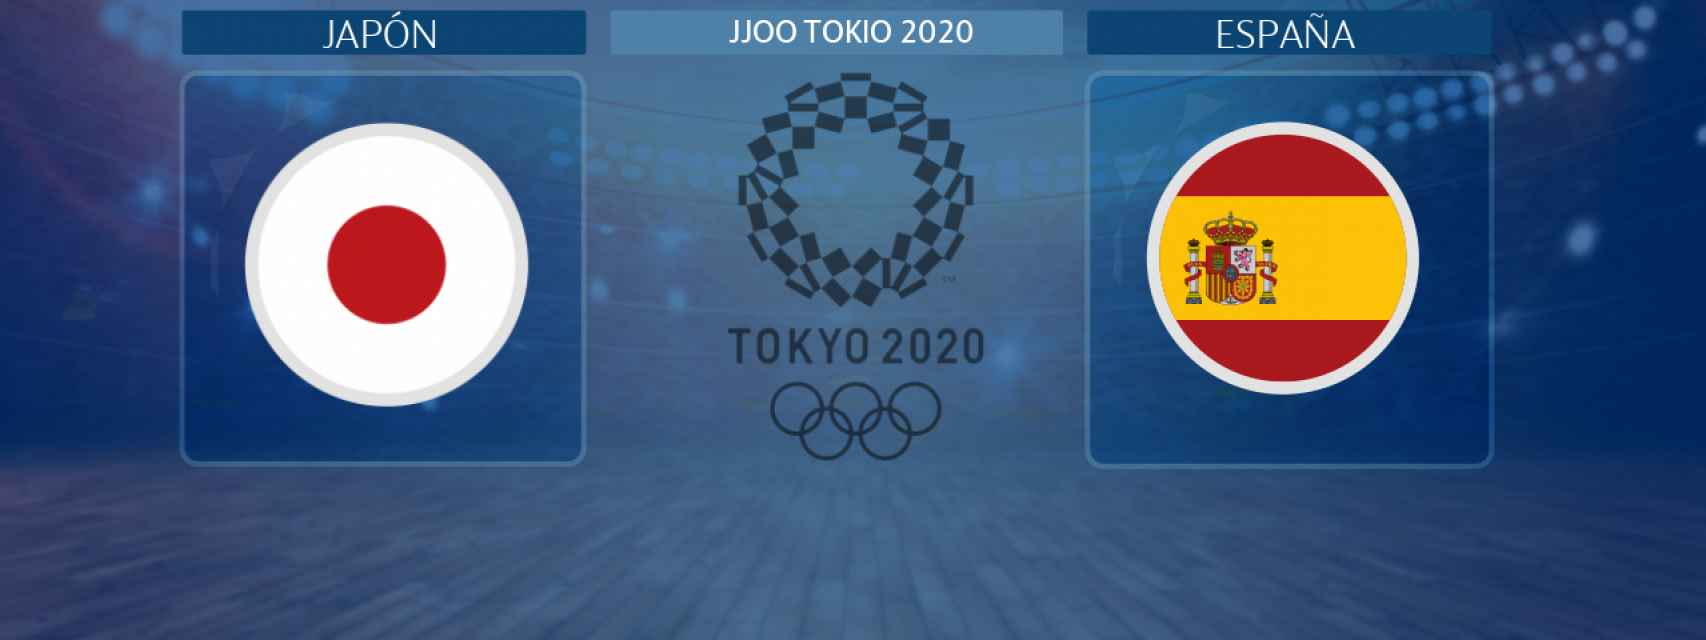 Japón - España: siga en directo las semifinales de fútbol de los JJOO de Tokio 2020